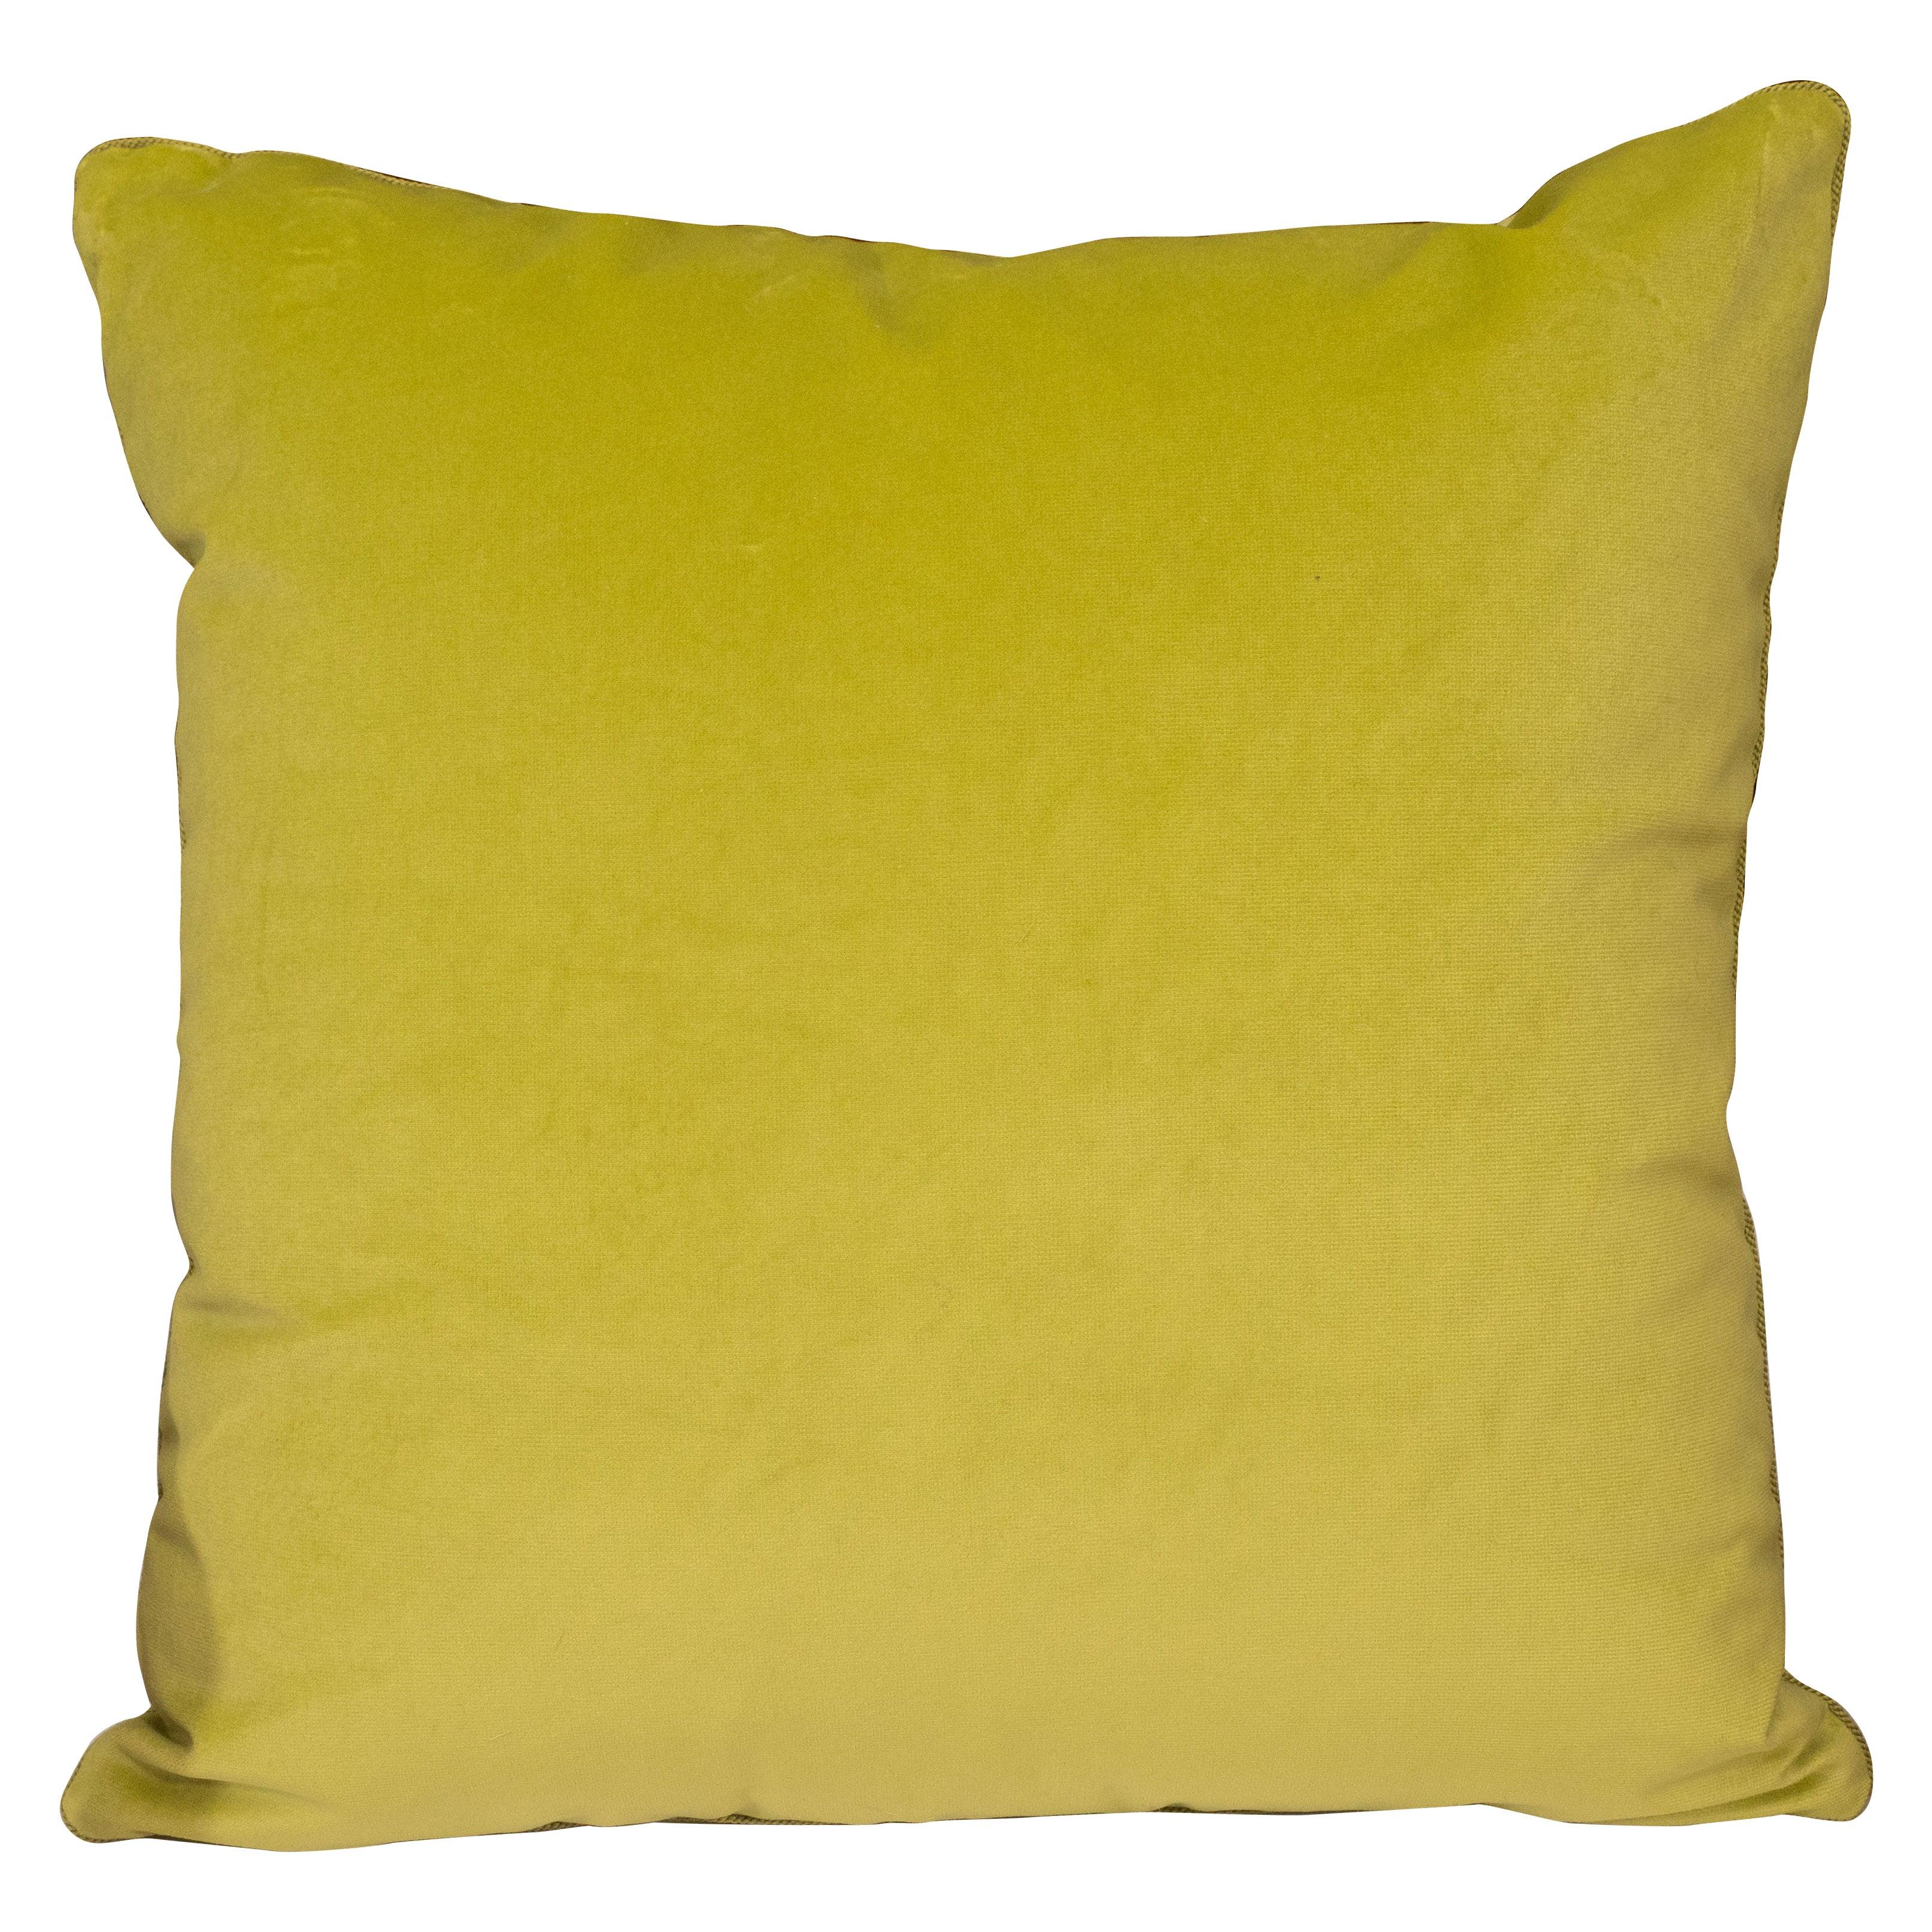 Pair of Acid Green Velvet Pillows